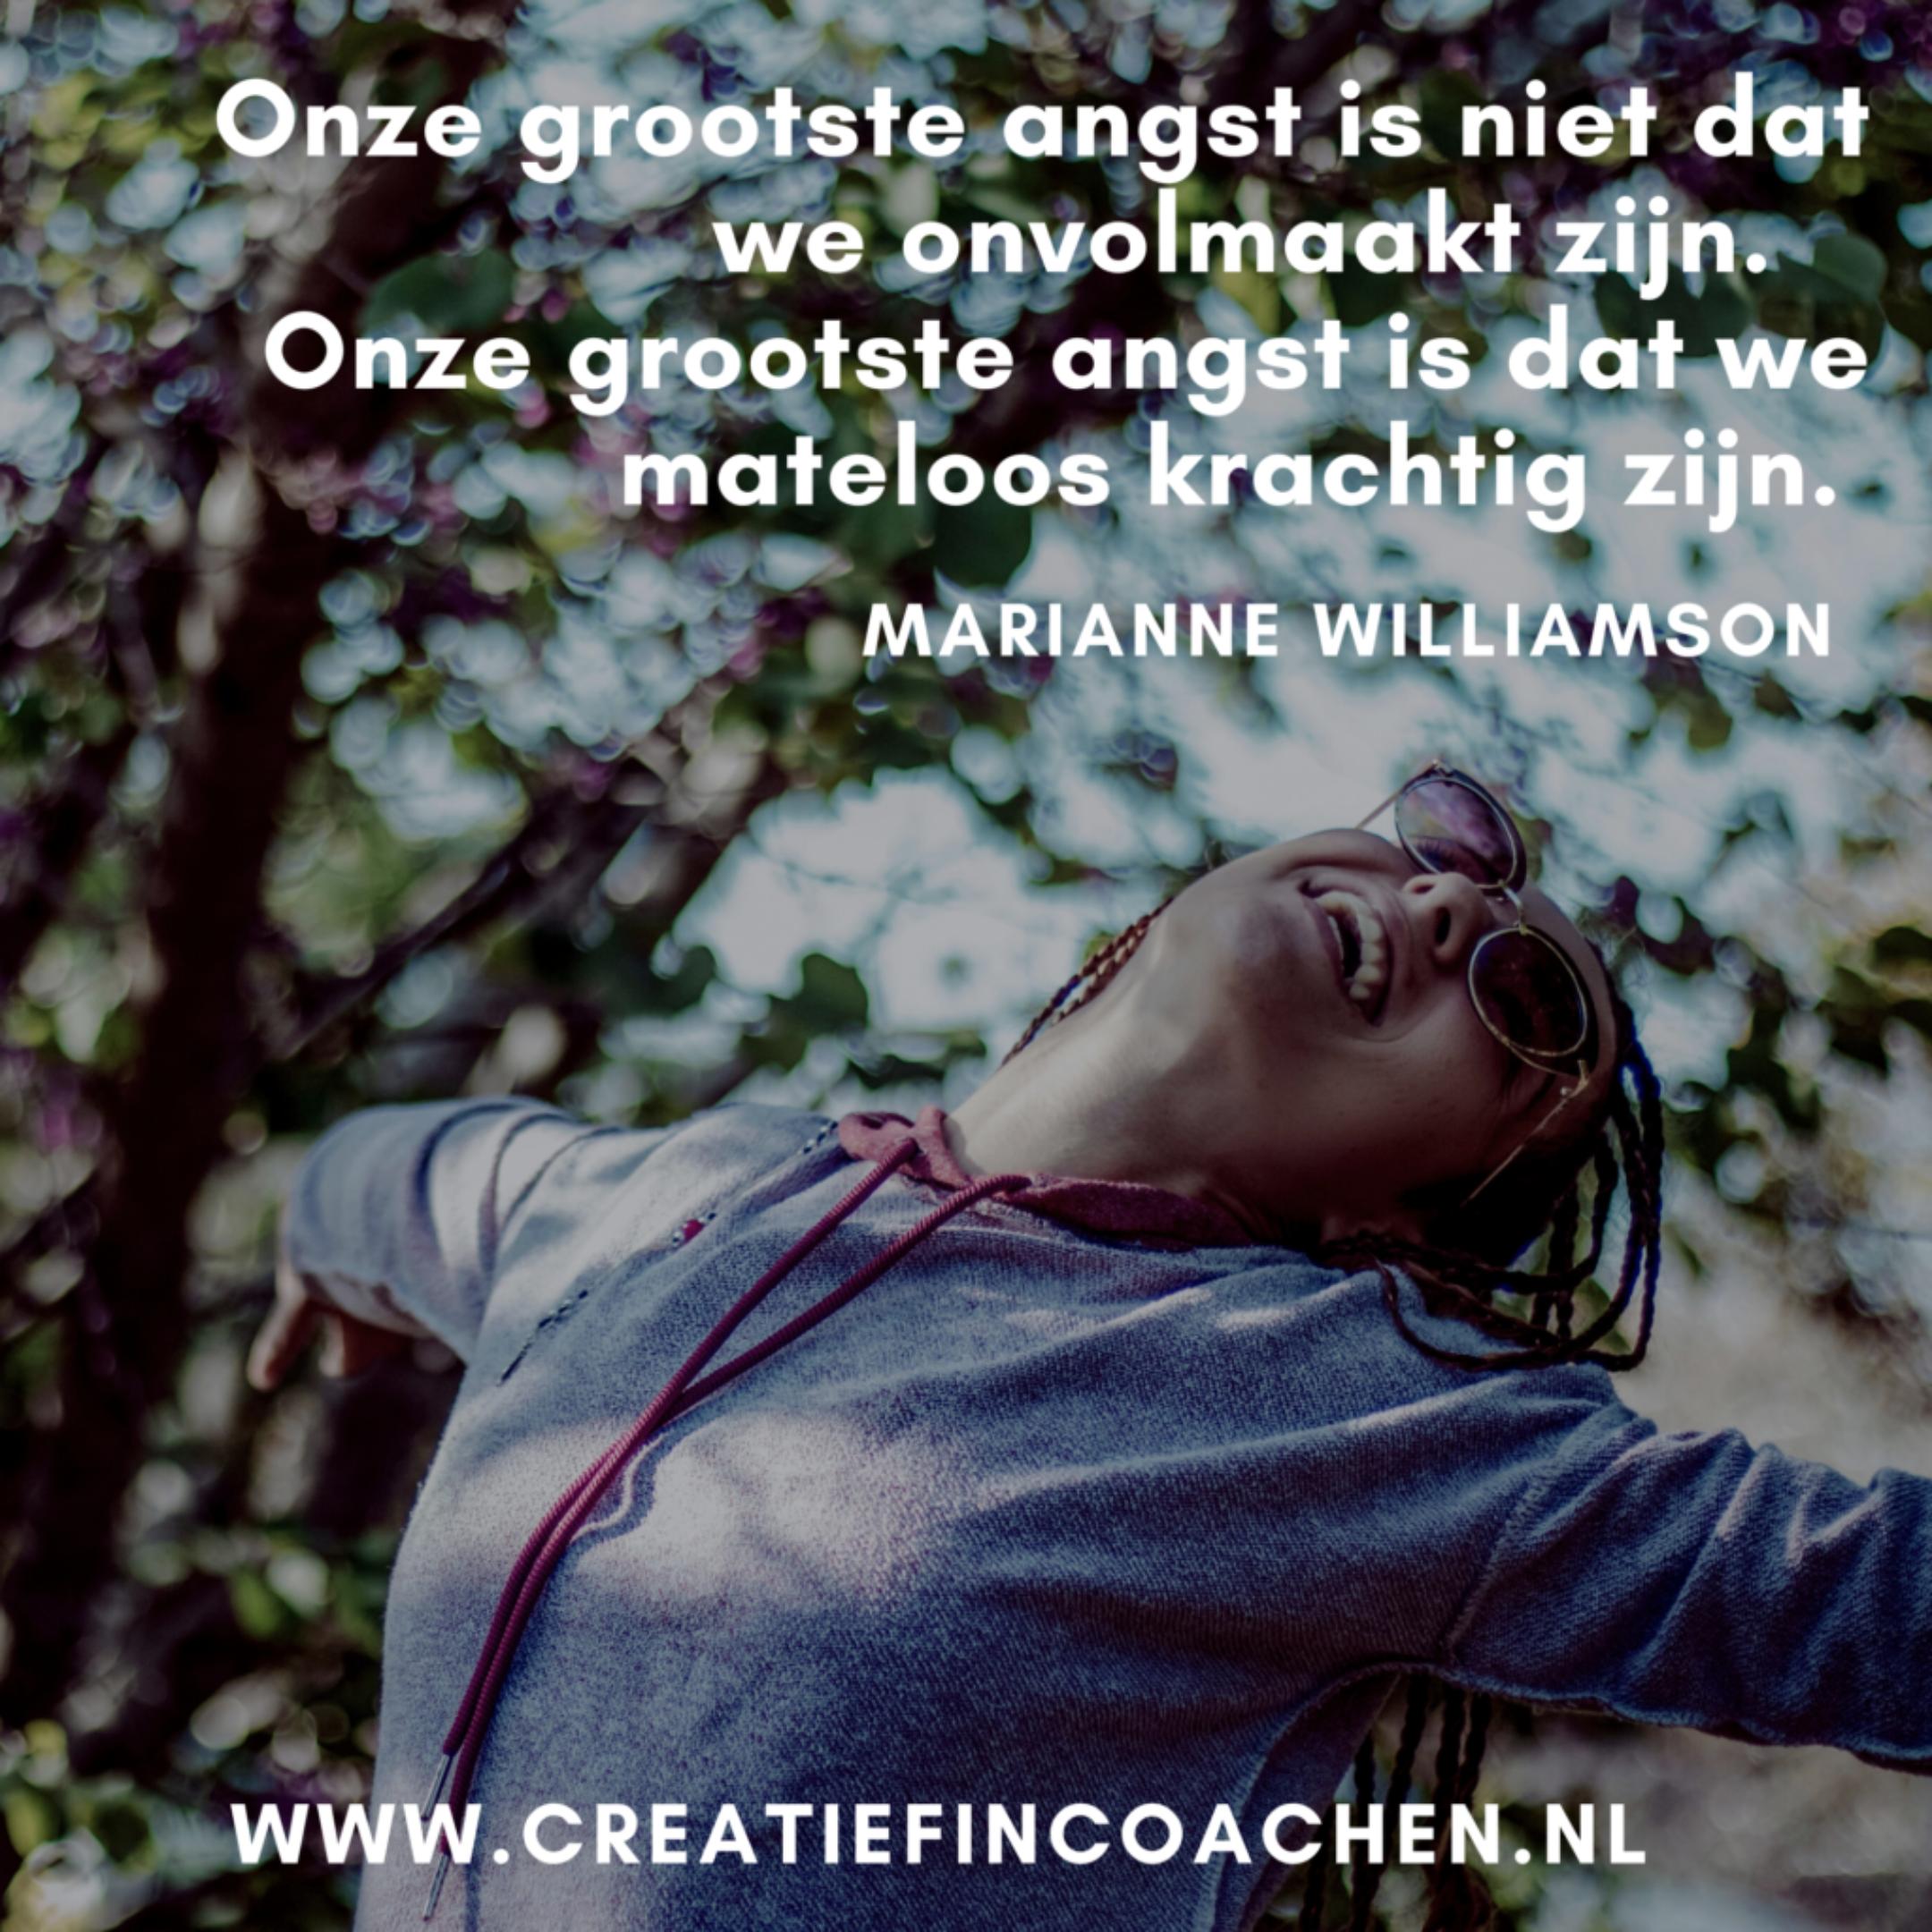 Creatief in Coachen   Blog  welke ruimte neen jij in?